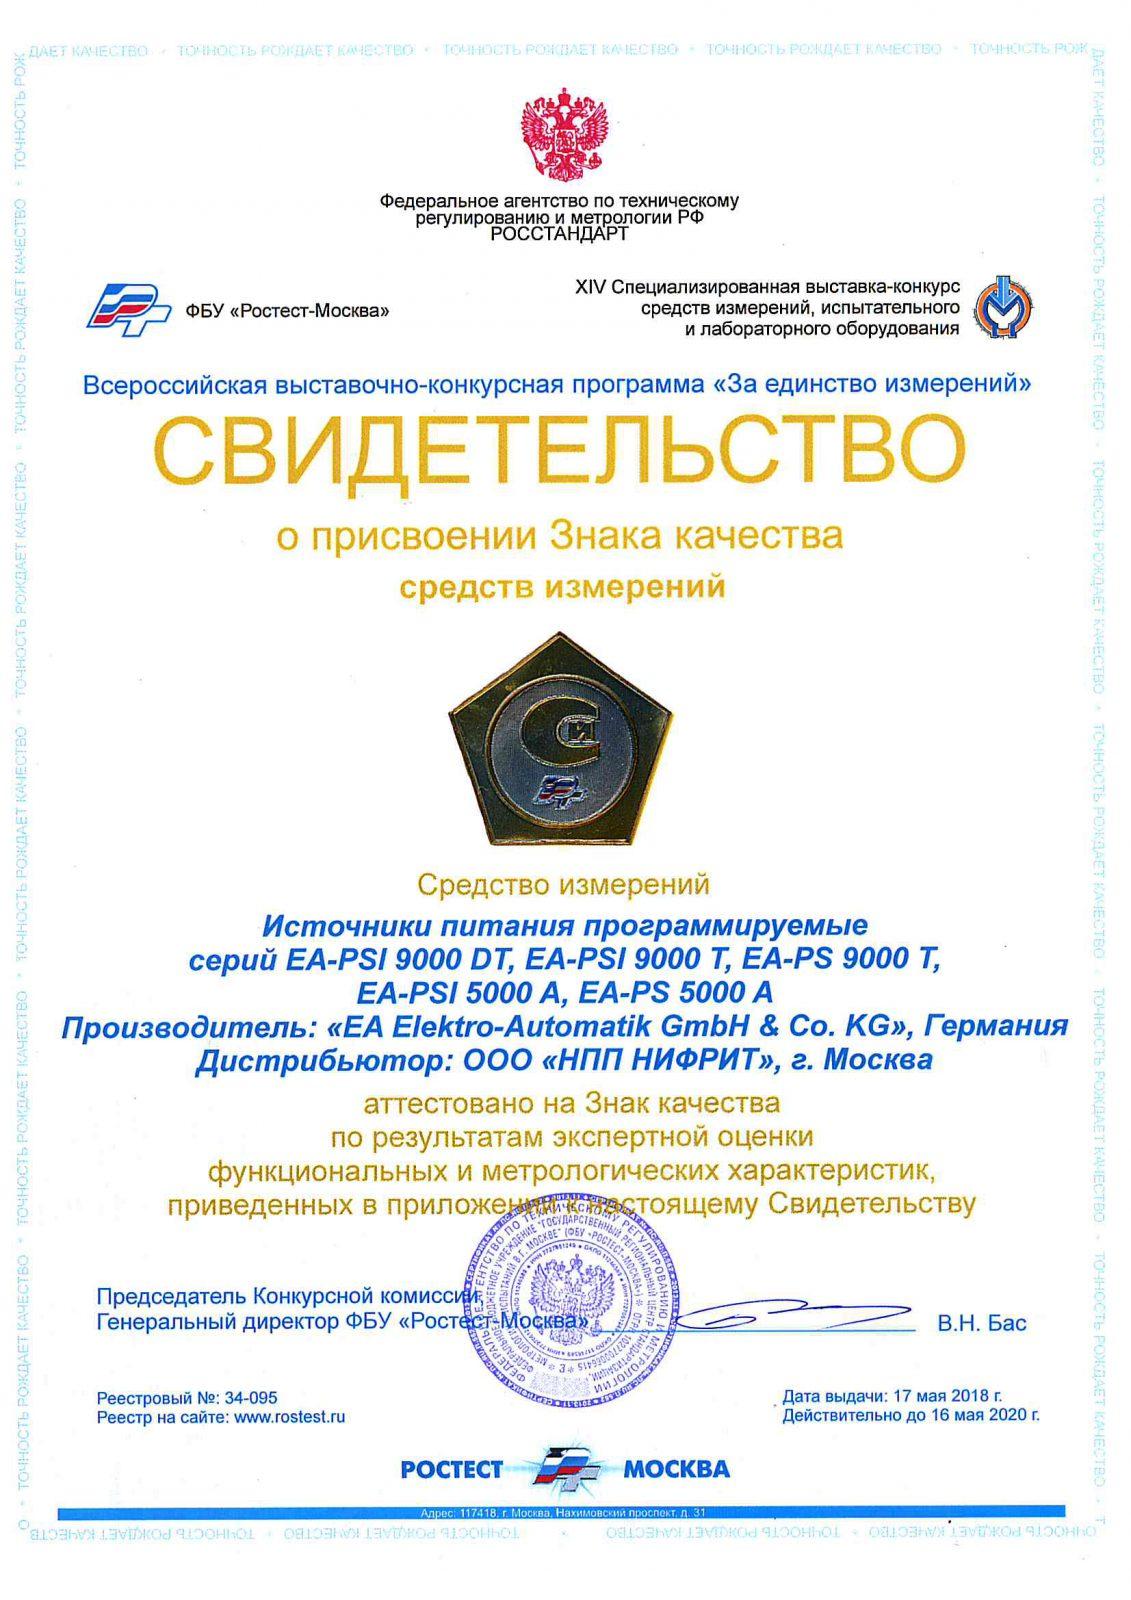 Знак качества №34-095